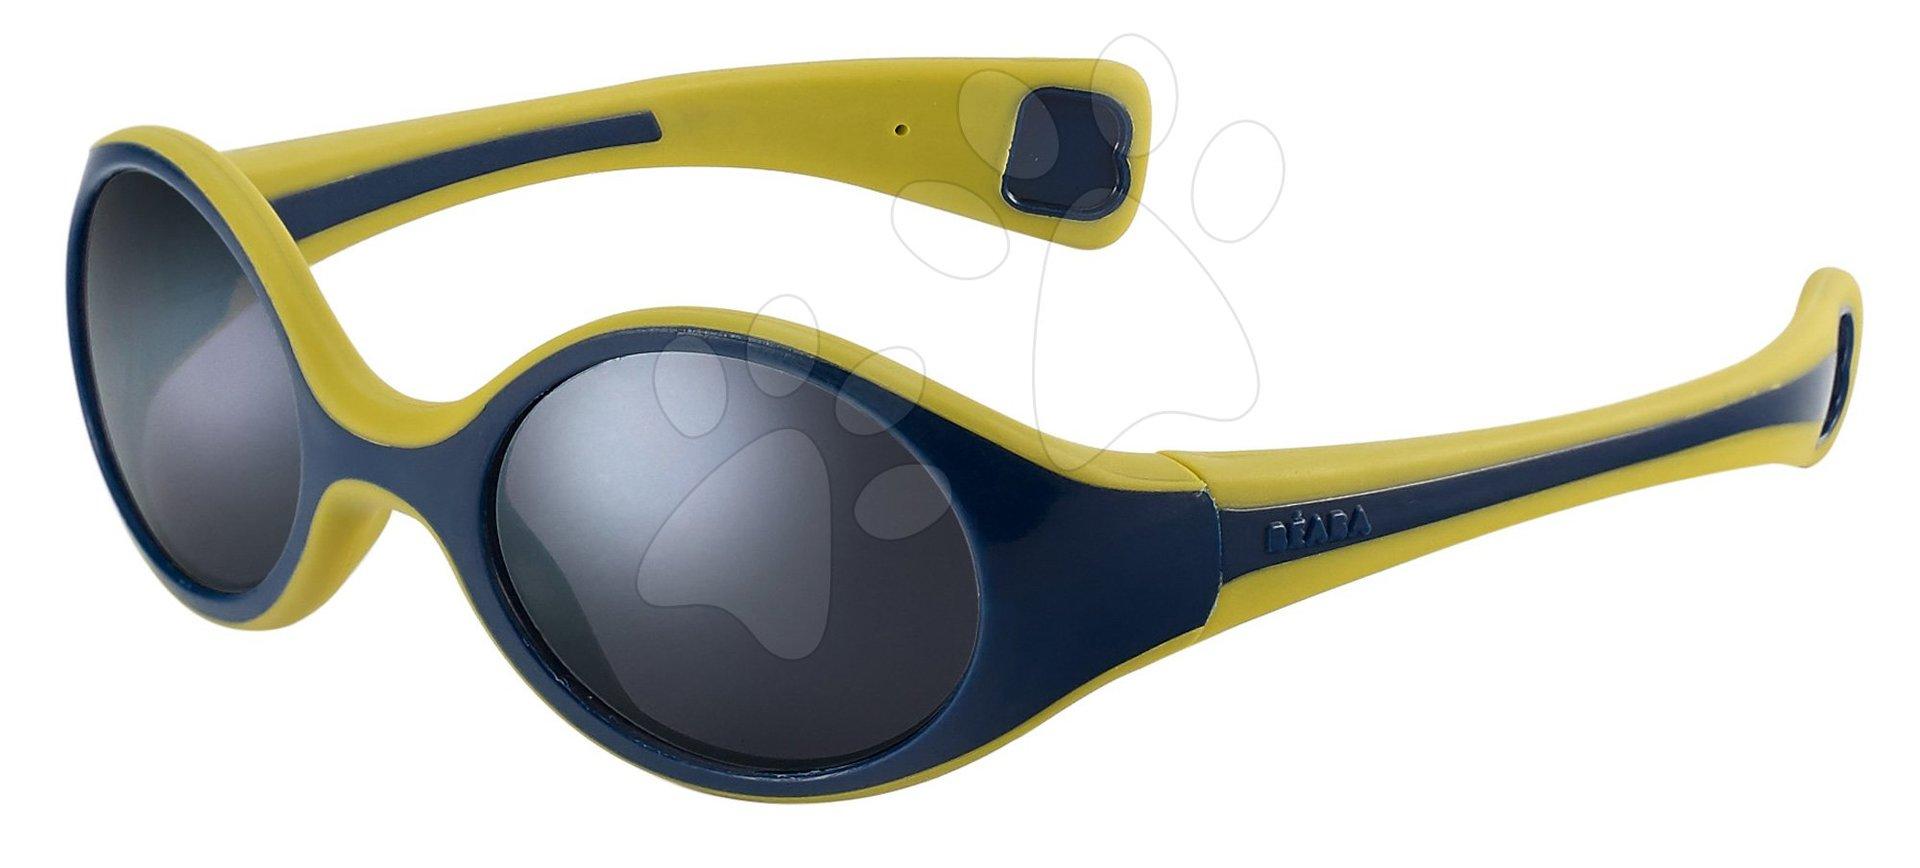 Slnečné okuliare pre deti Beaba Baby S modré od 0 mesiacov UV3 - zimné  930266 2ec8de40d8